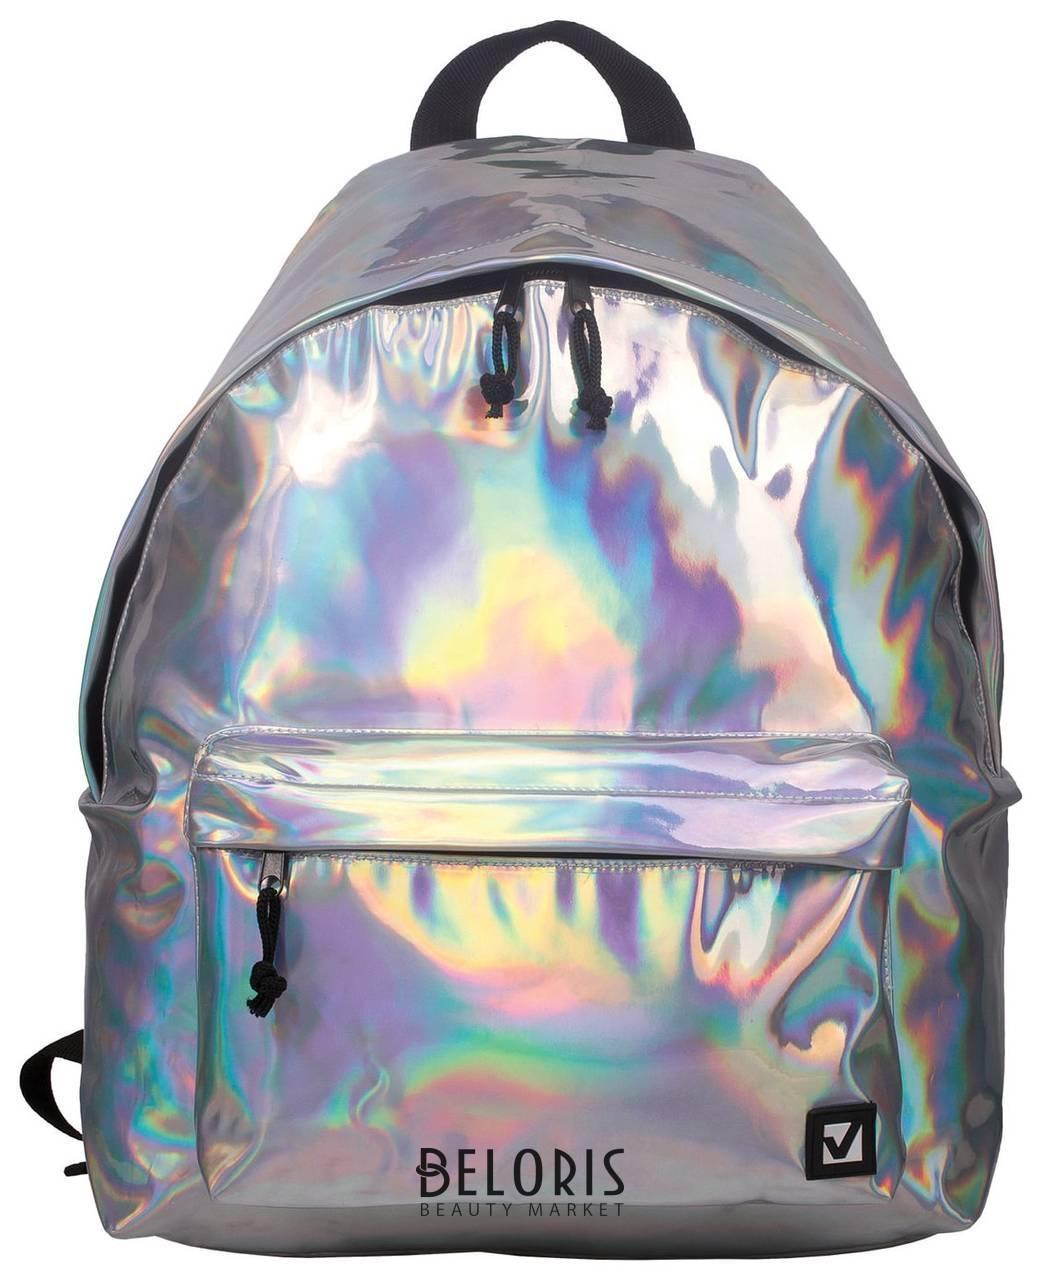 Рюкзак BRAUBERG универсальный, сити-формат, цвет-серебро, Винтаж, 20 литров, 41х32х14 см Brauberg